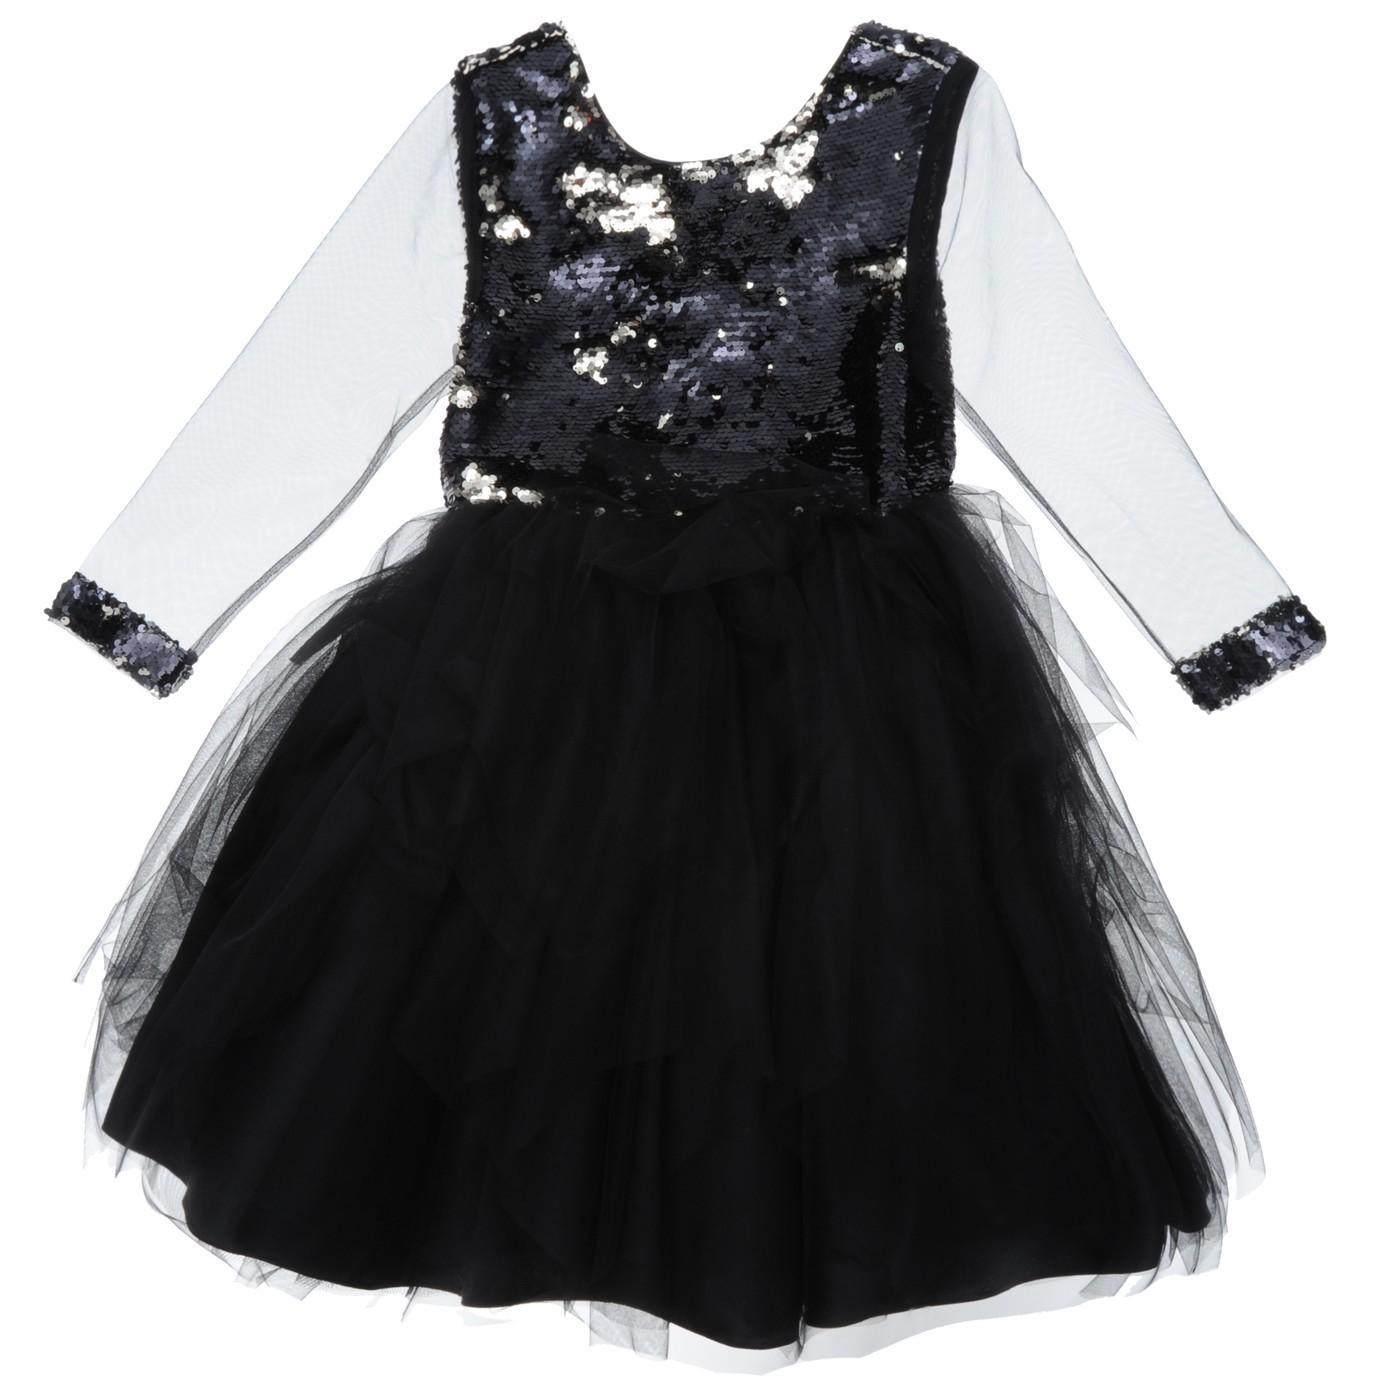 c2382823d0a3e Siyah Kiz Çocuk Abiye Elbise Kız Çocuk Abiye Elbise 18226107100 - Panço